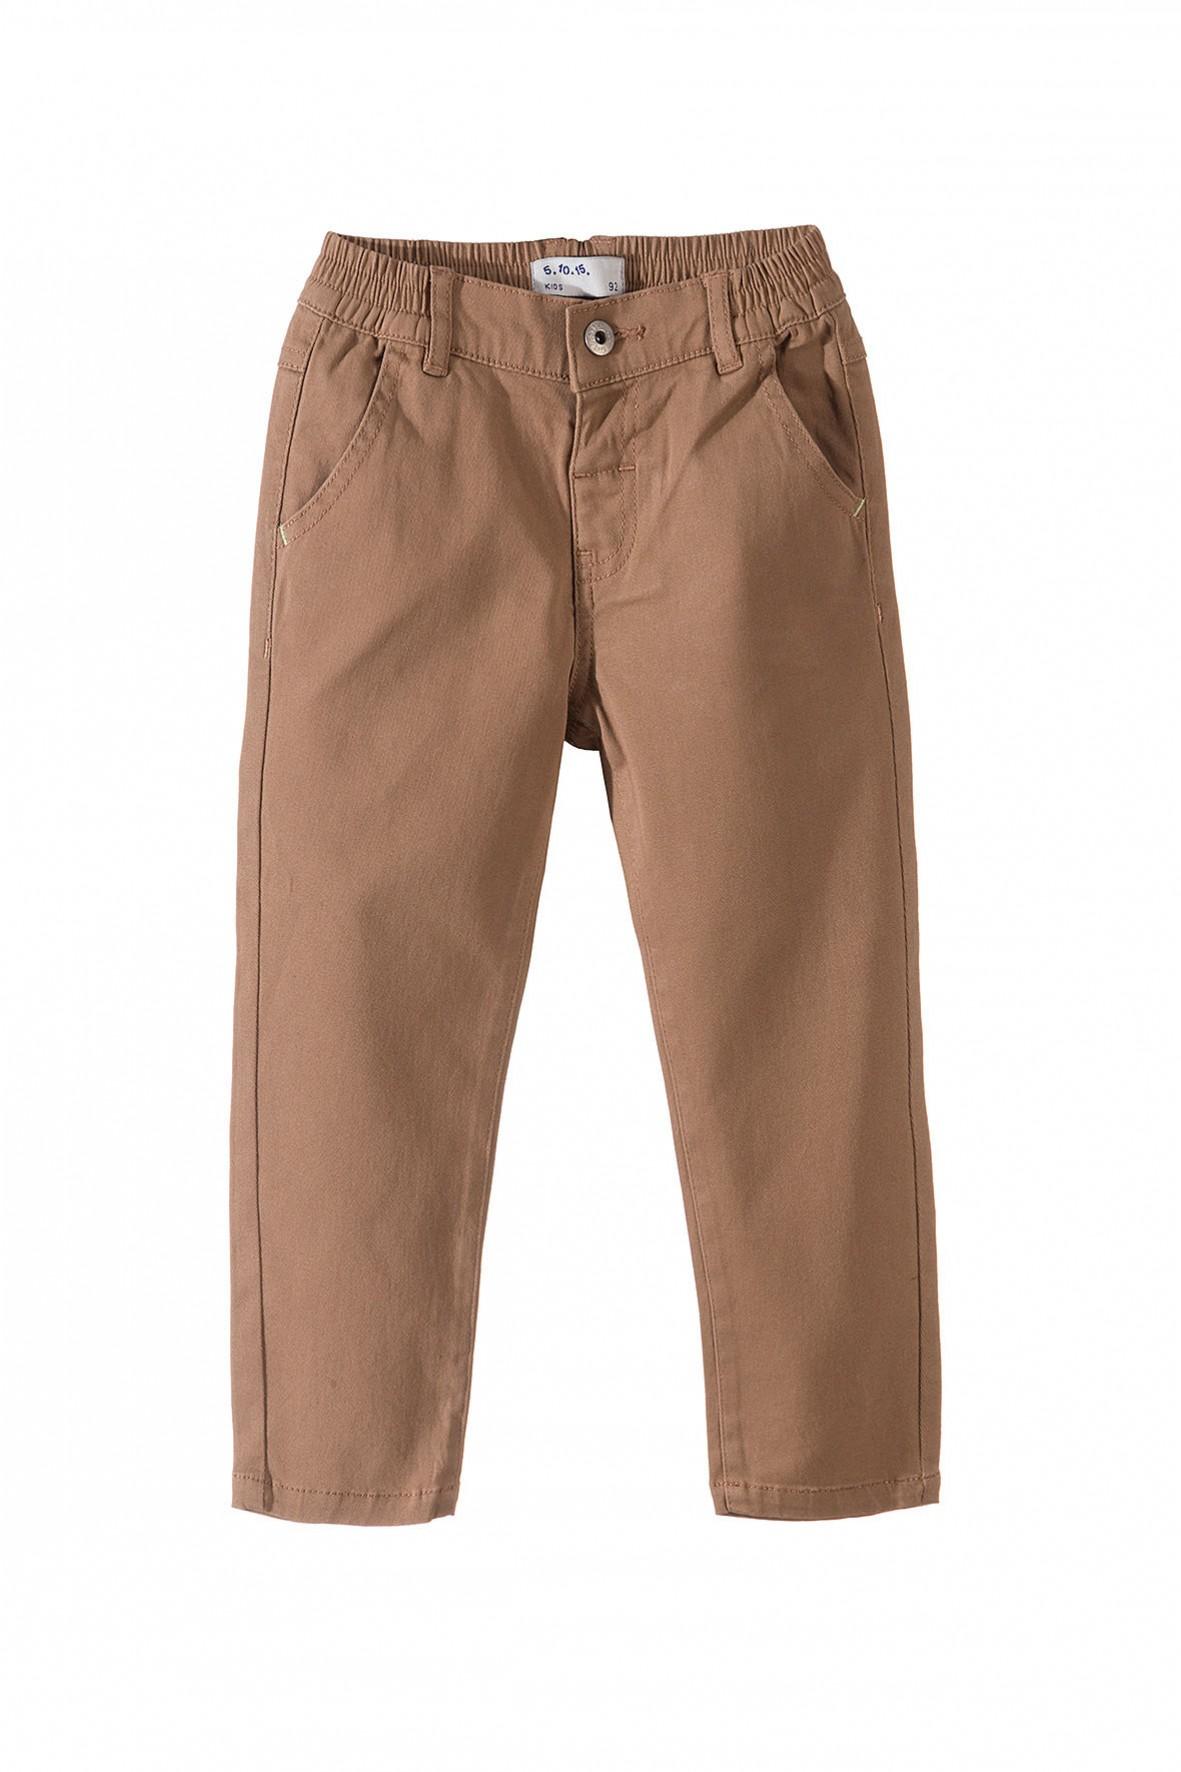 Spodnie chłopięce 1L3401